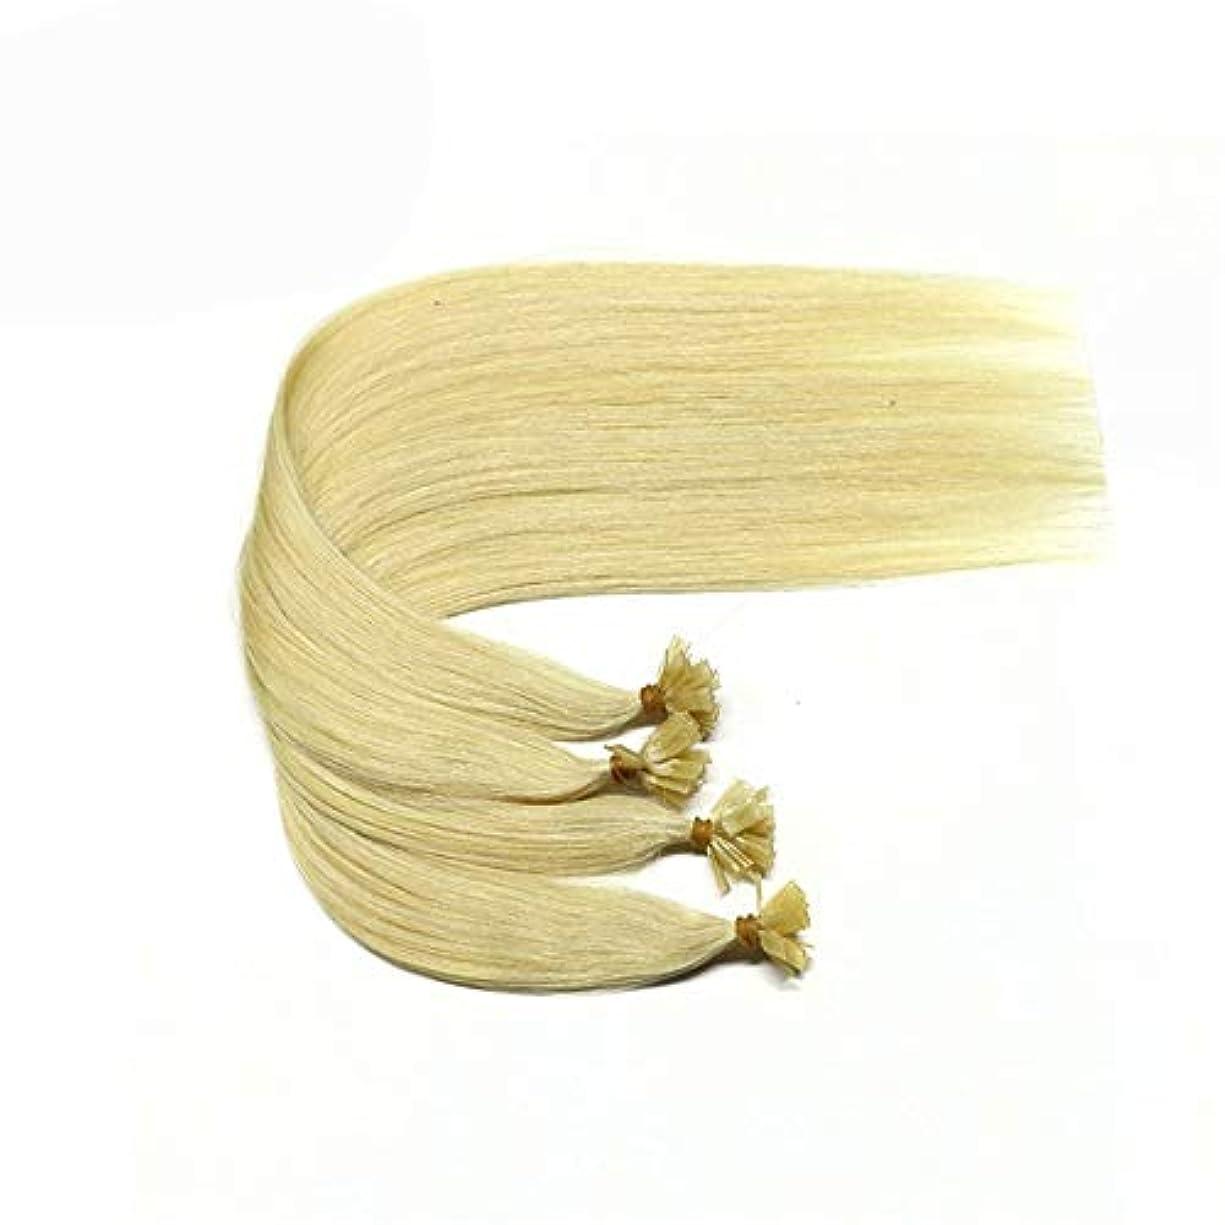 立証するごみ繰り返したJULYTER 事前結束人間の毛髪延長ブロンドグロス#613マイクロナノリングヘアエクステンション用女性 (色 : Blonde, サイズ : 26 inch)